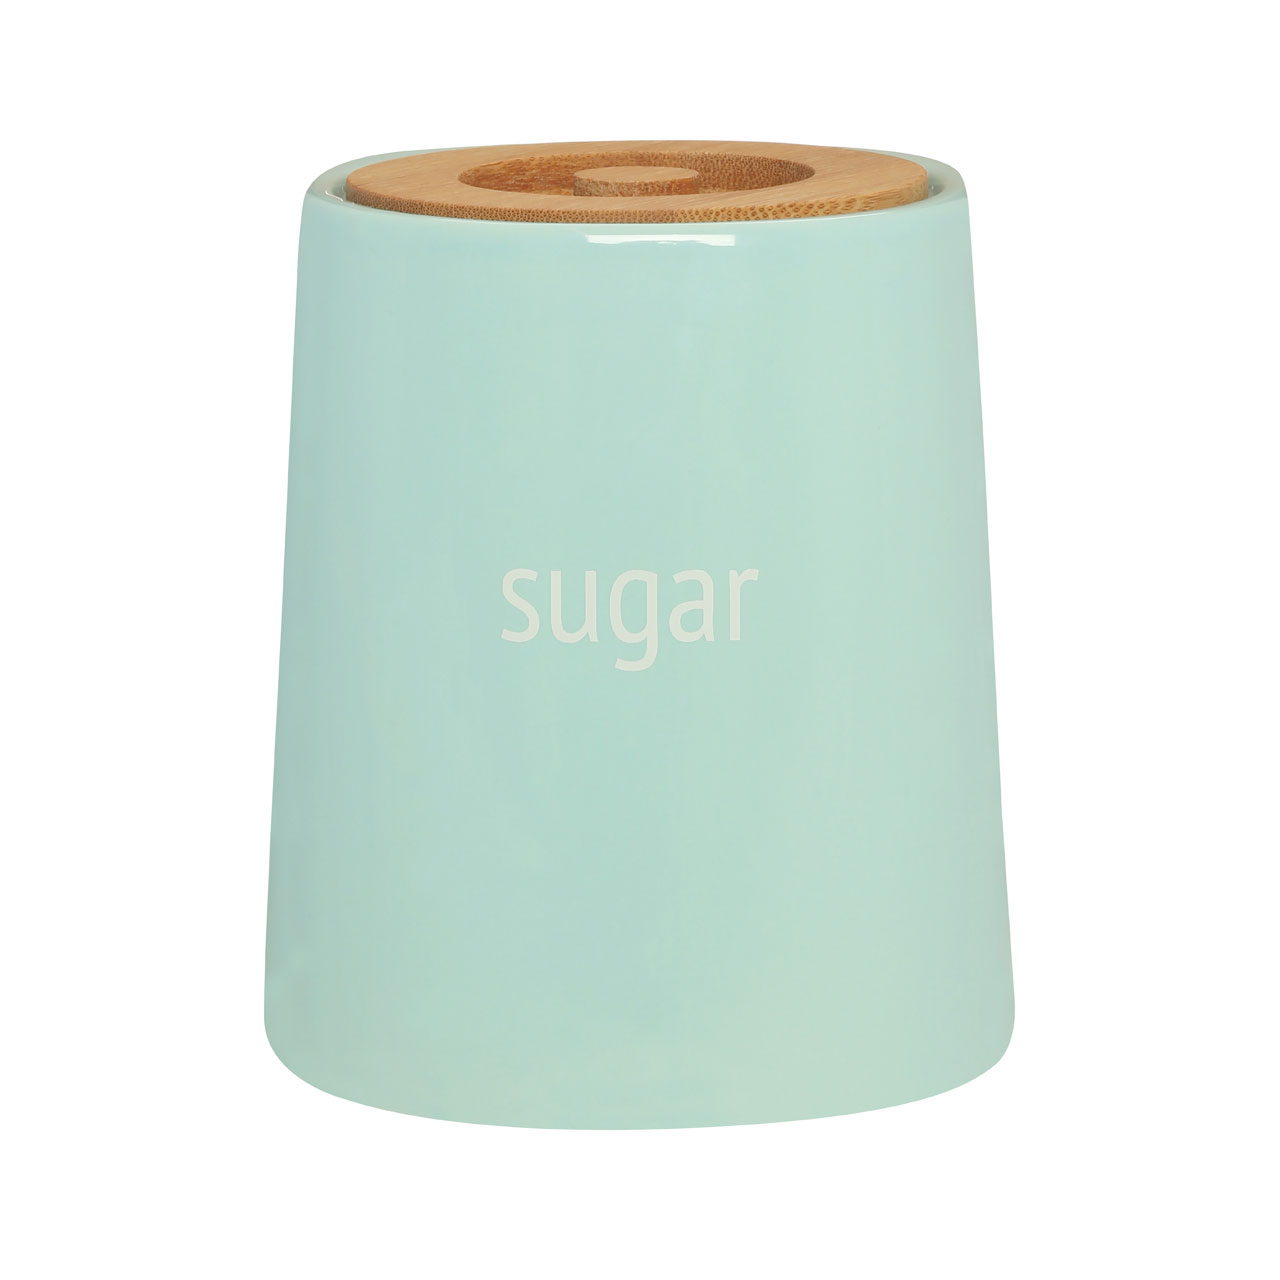 Premier Pale Blue Ceramic Sugar Canister Jar Kitchen Storage Pot ...